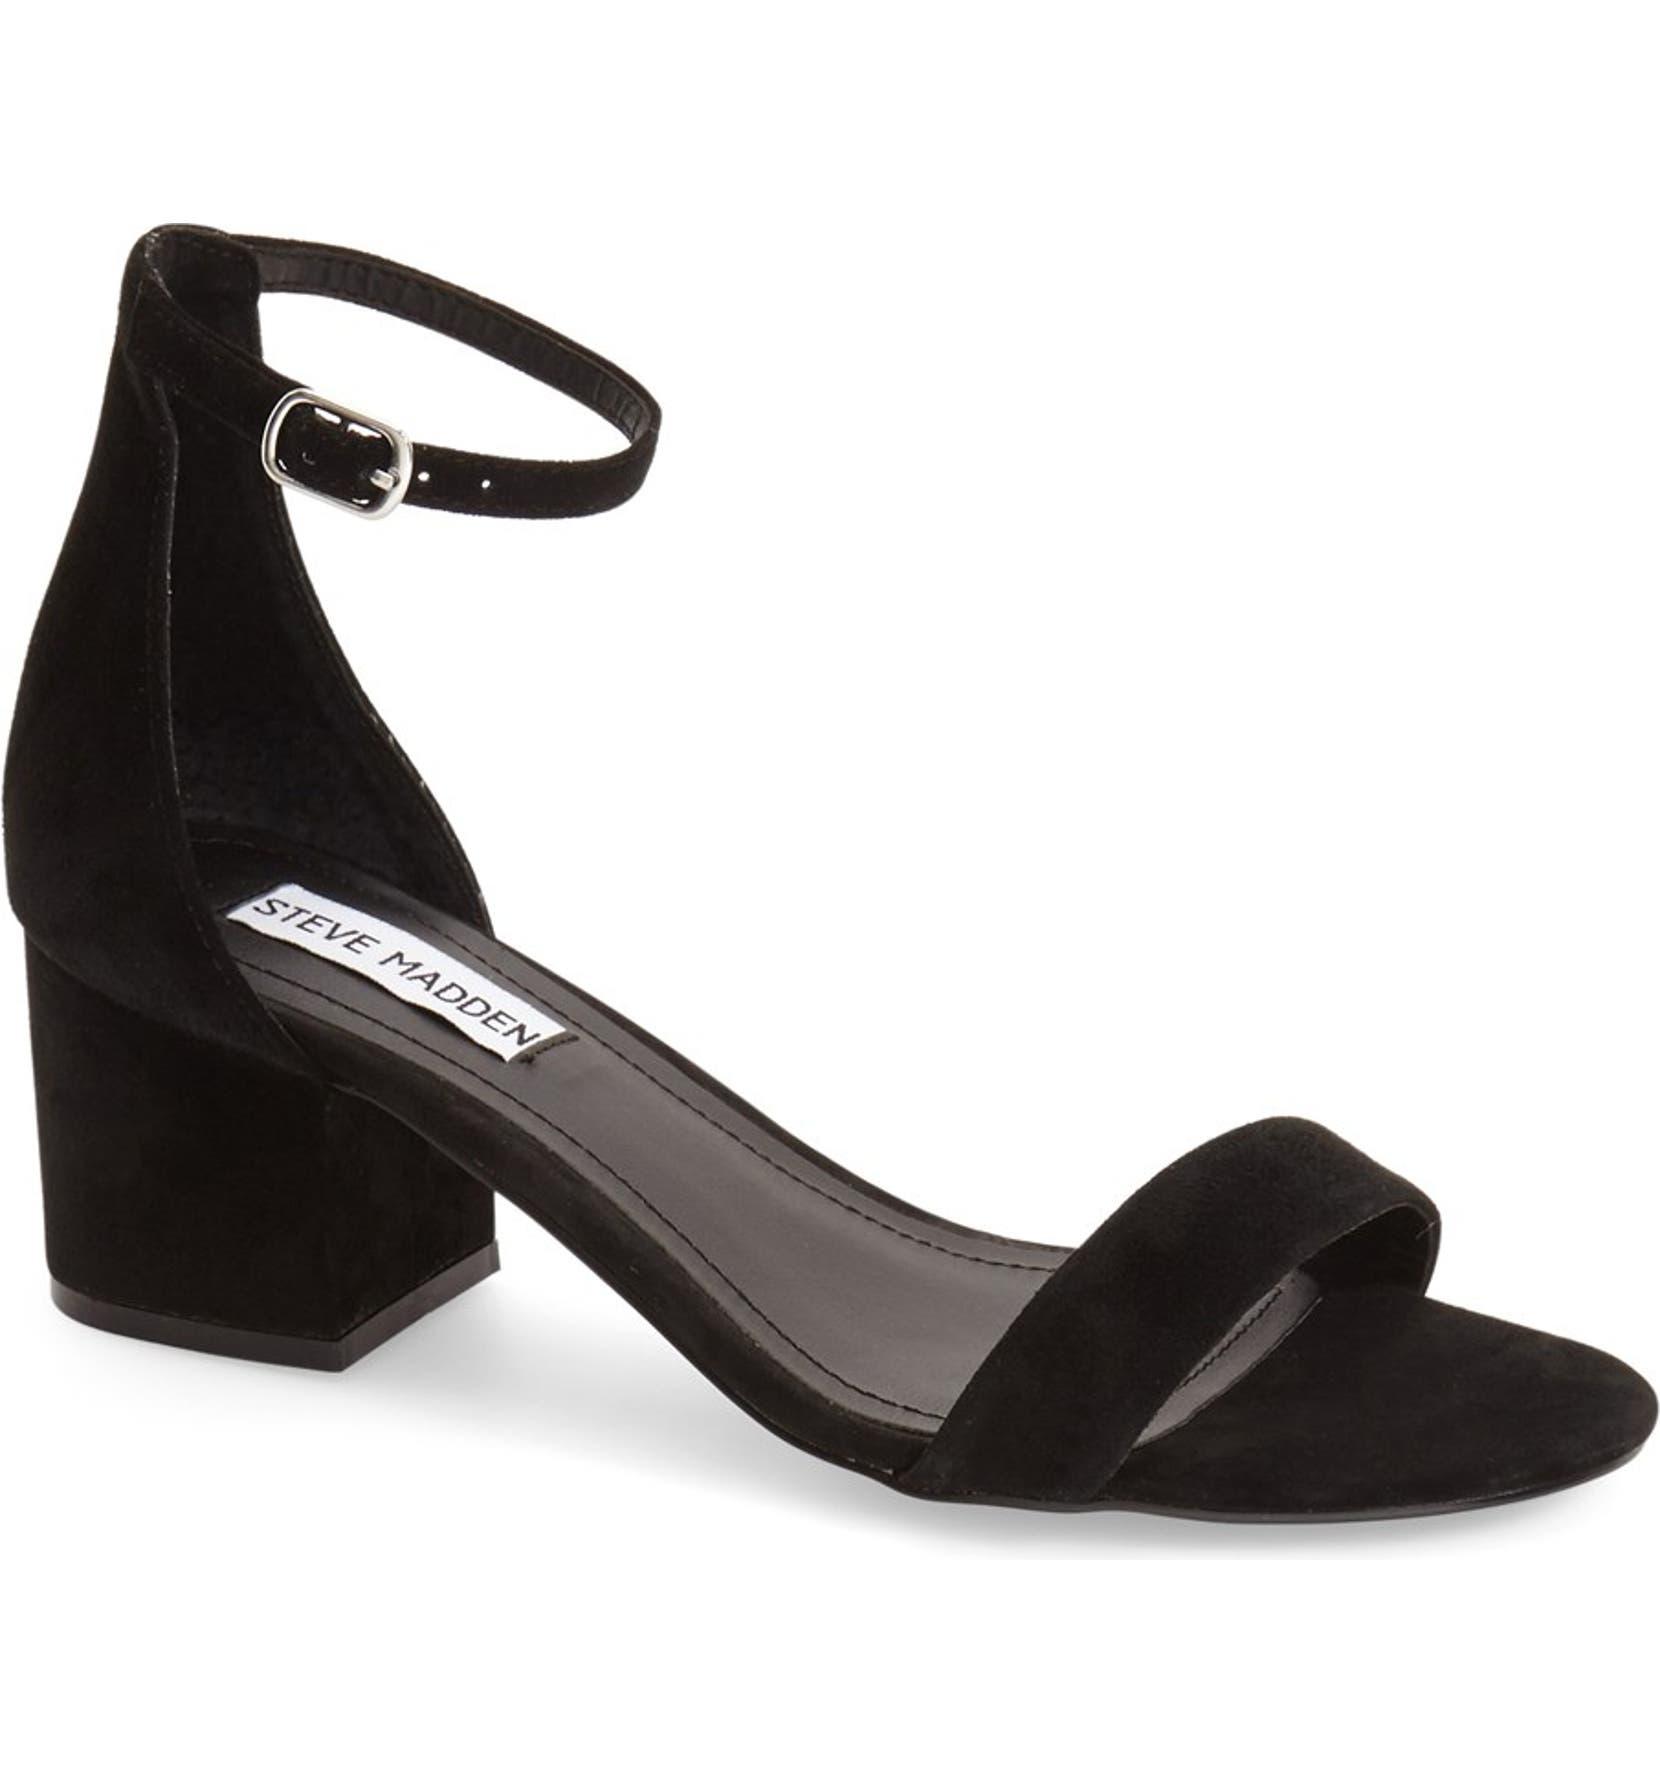 69a1c36b76 Steve Madden Irenee Ankle Strap Sandal (Women) | Nordstrom